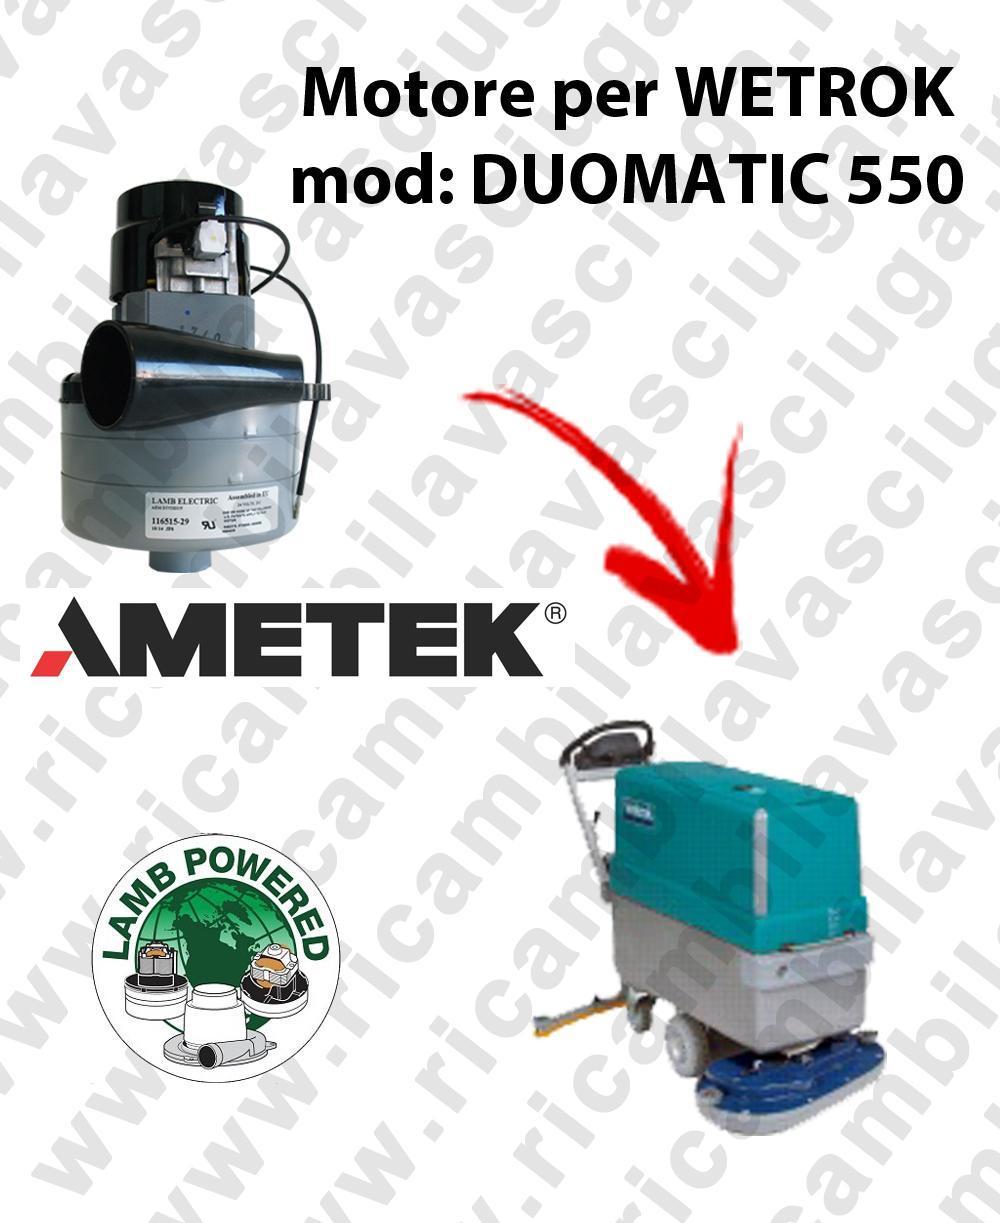 DUOMATIC 550 MOTEUR ASPIRATION LAMB AMATEK pour autolaveuses WETROK